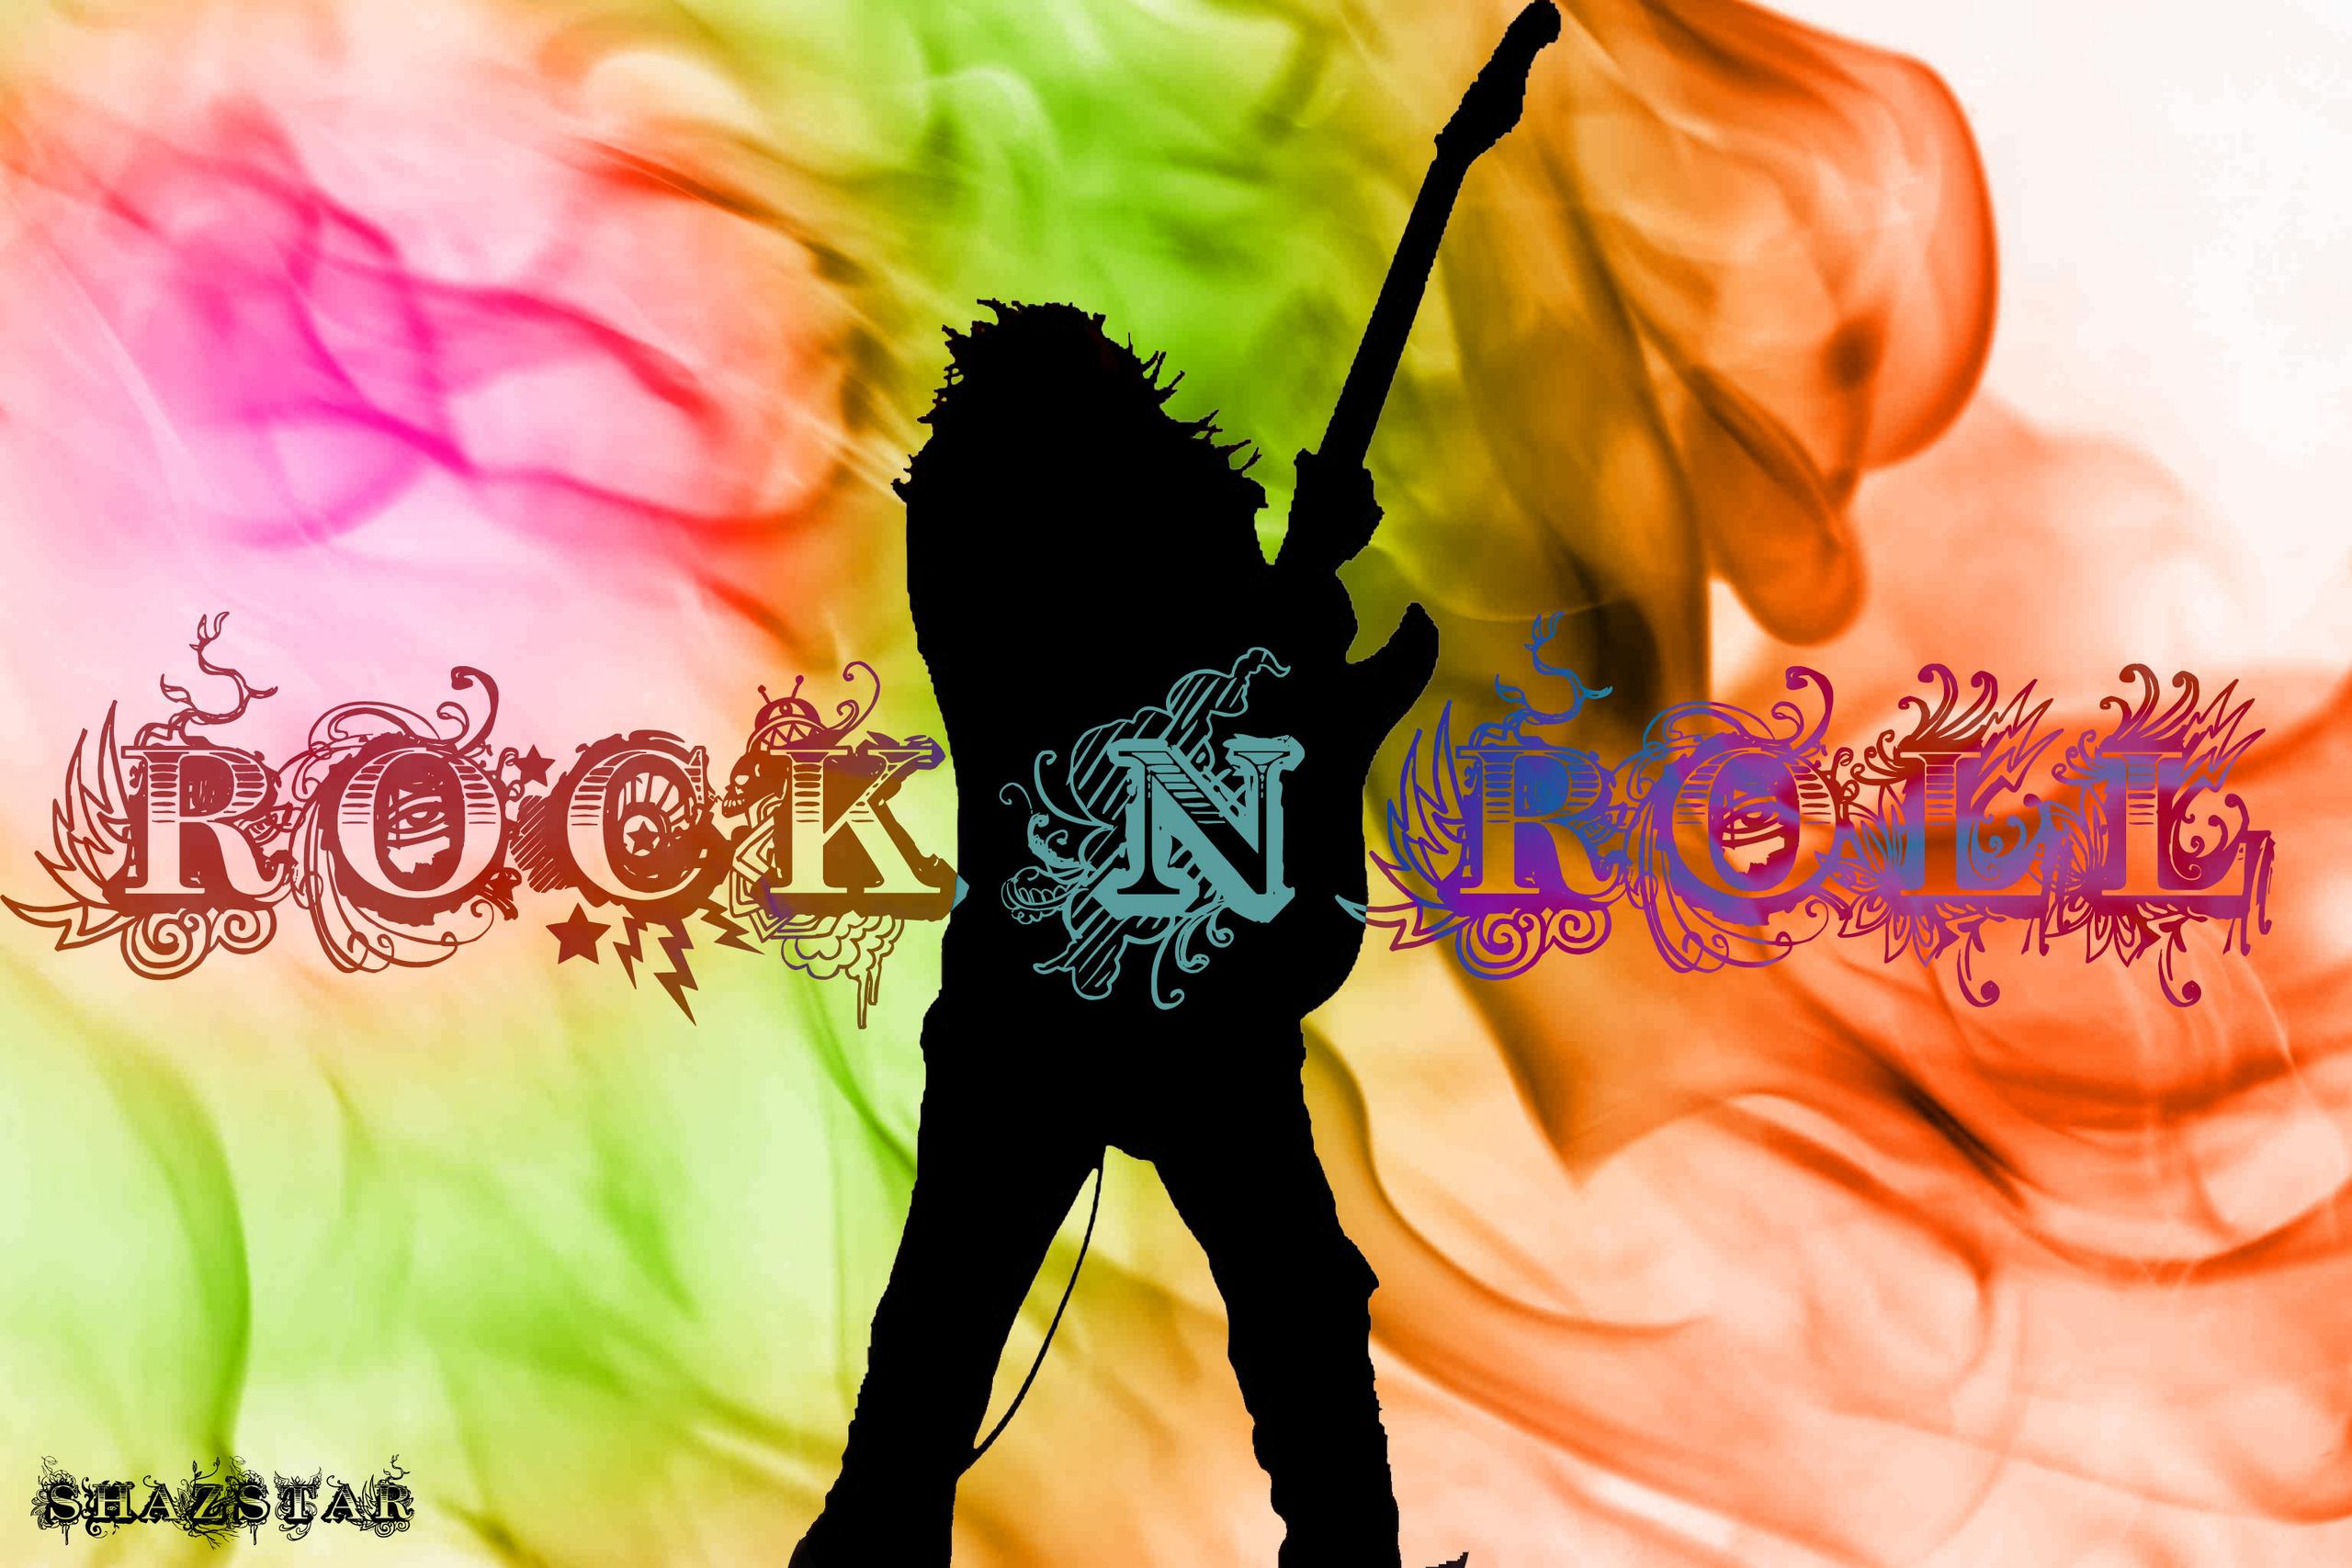 rock n roll baby   Rock n Roll Club Photo 12207093 2560x1707